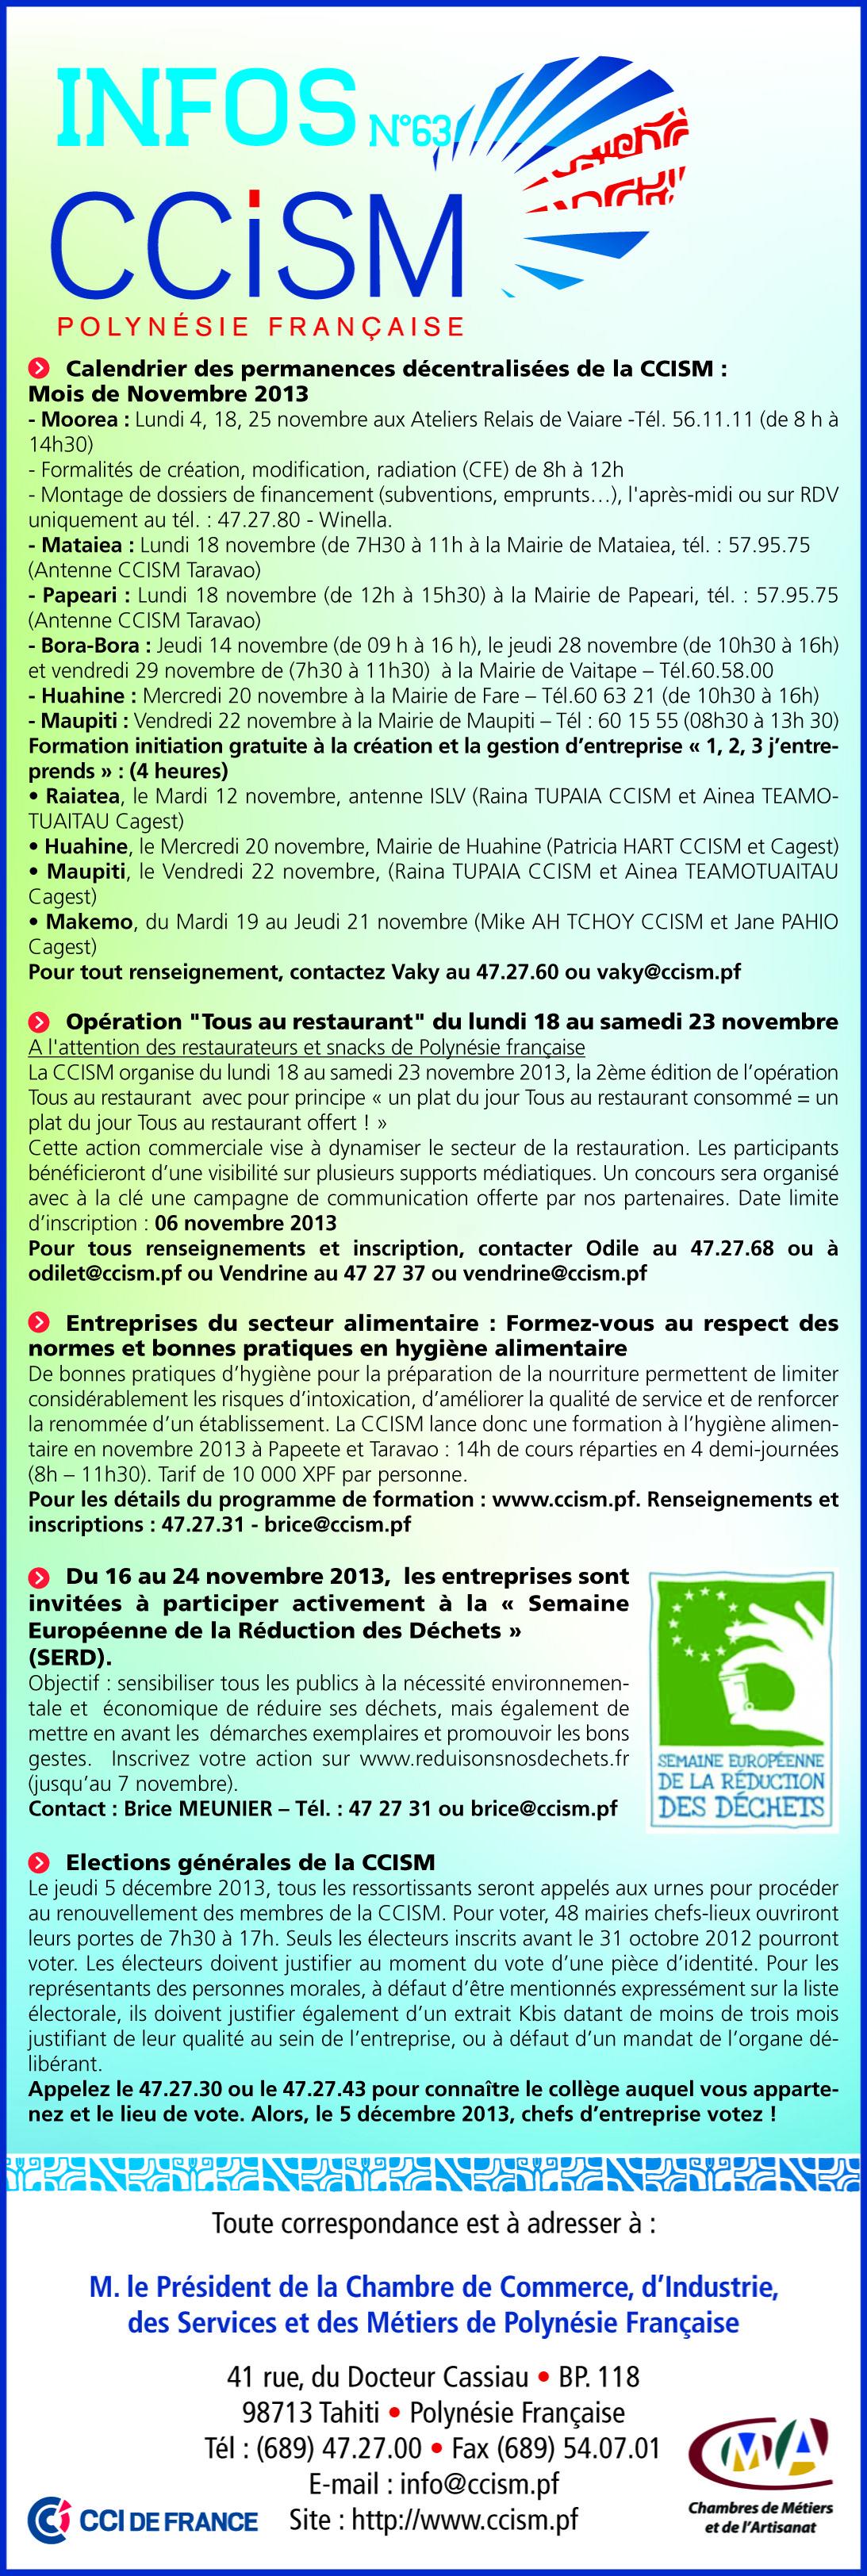 Infos CCISM N°63